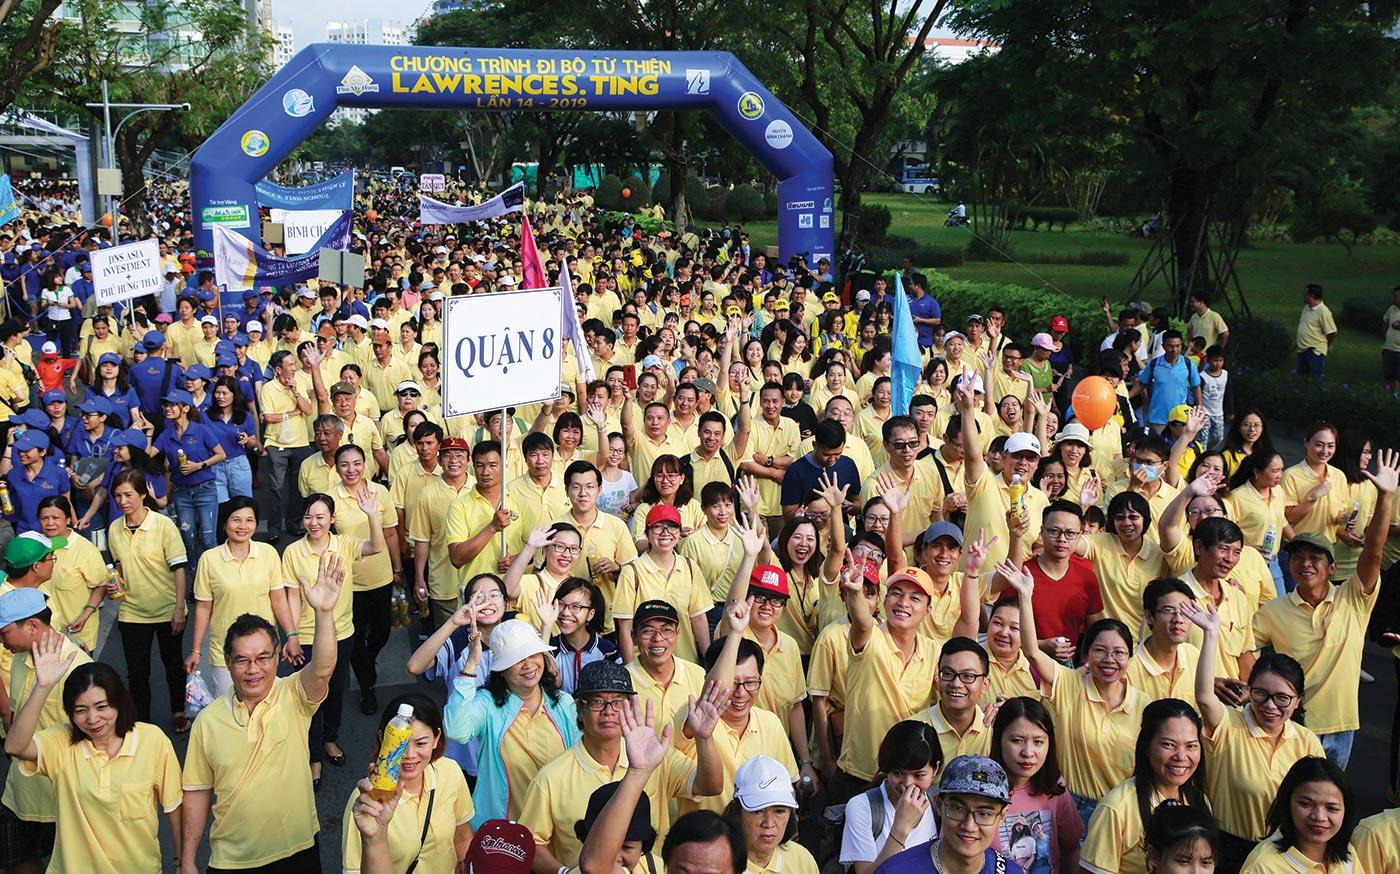 Hàng ngàn người háo hức tham gia đi bộ trên quãng đường dài hơn 3 km